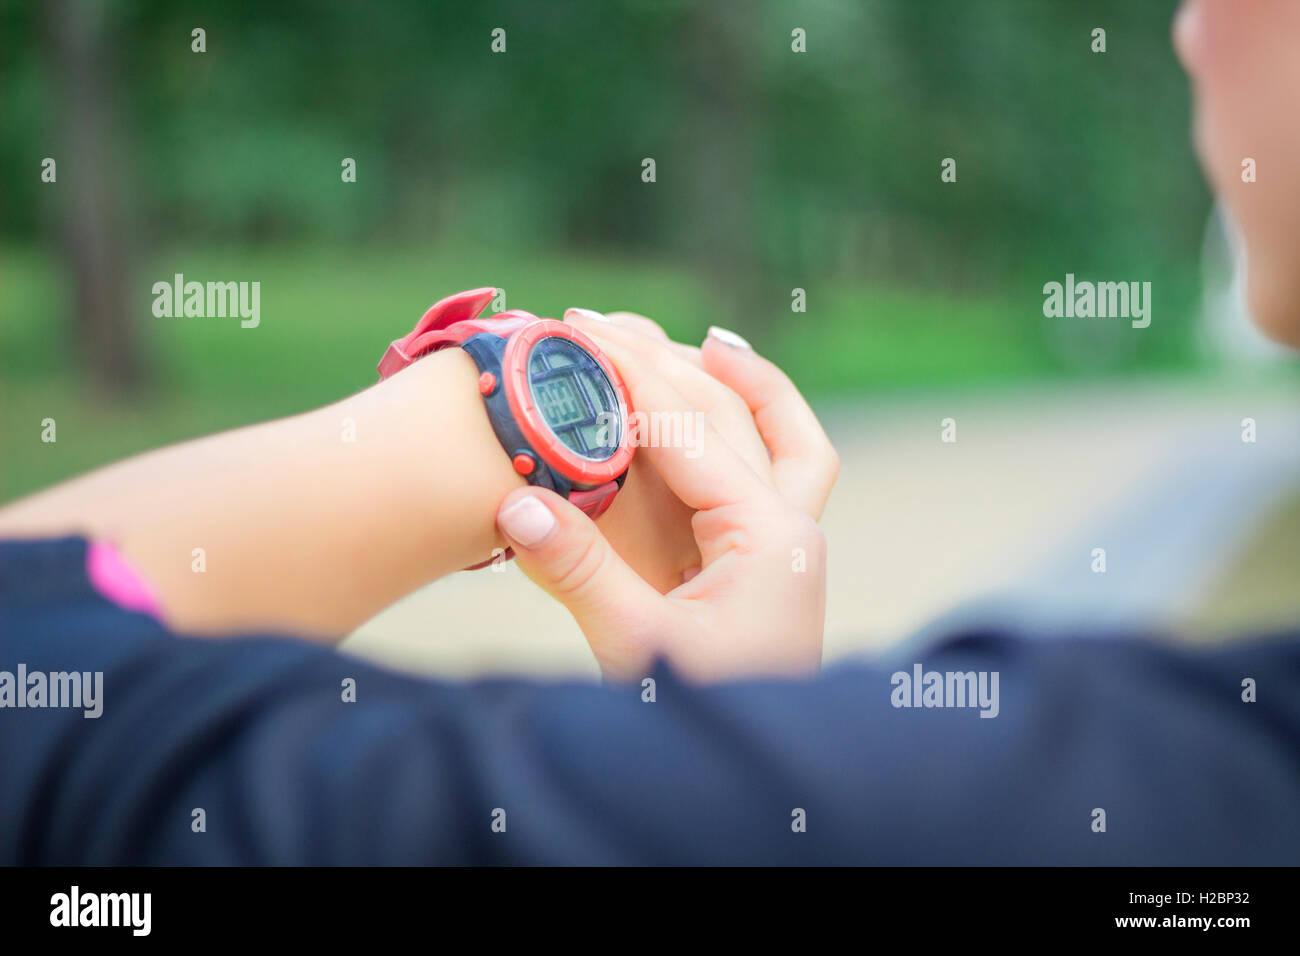 Giovane ragazza fitness controlla il cronometro tracker sul suo polso durante la corsa all'aperto Immagini Stock